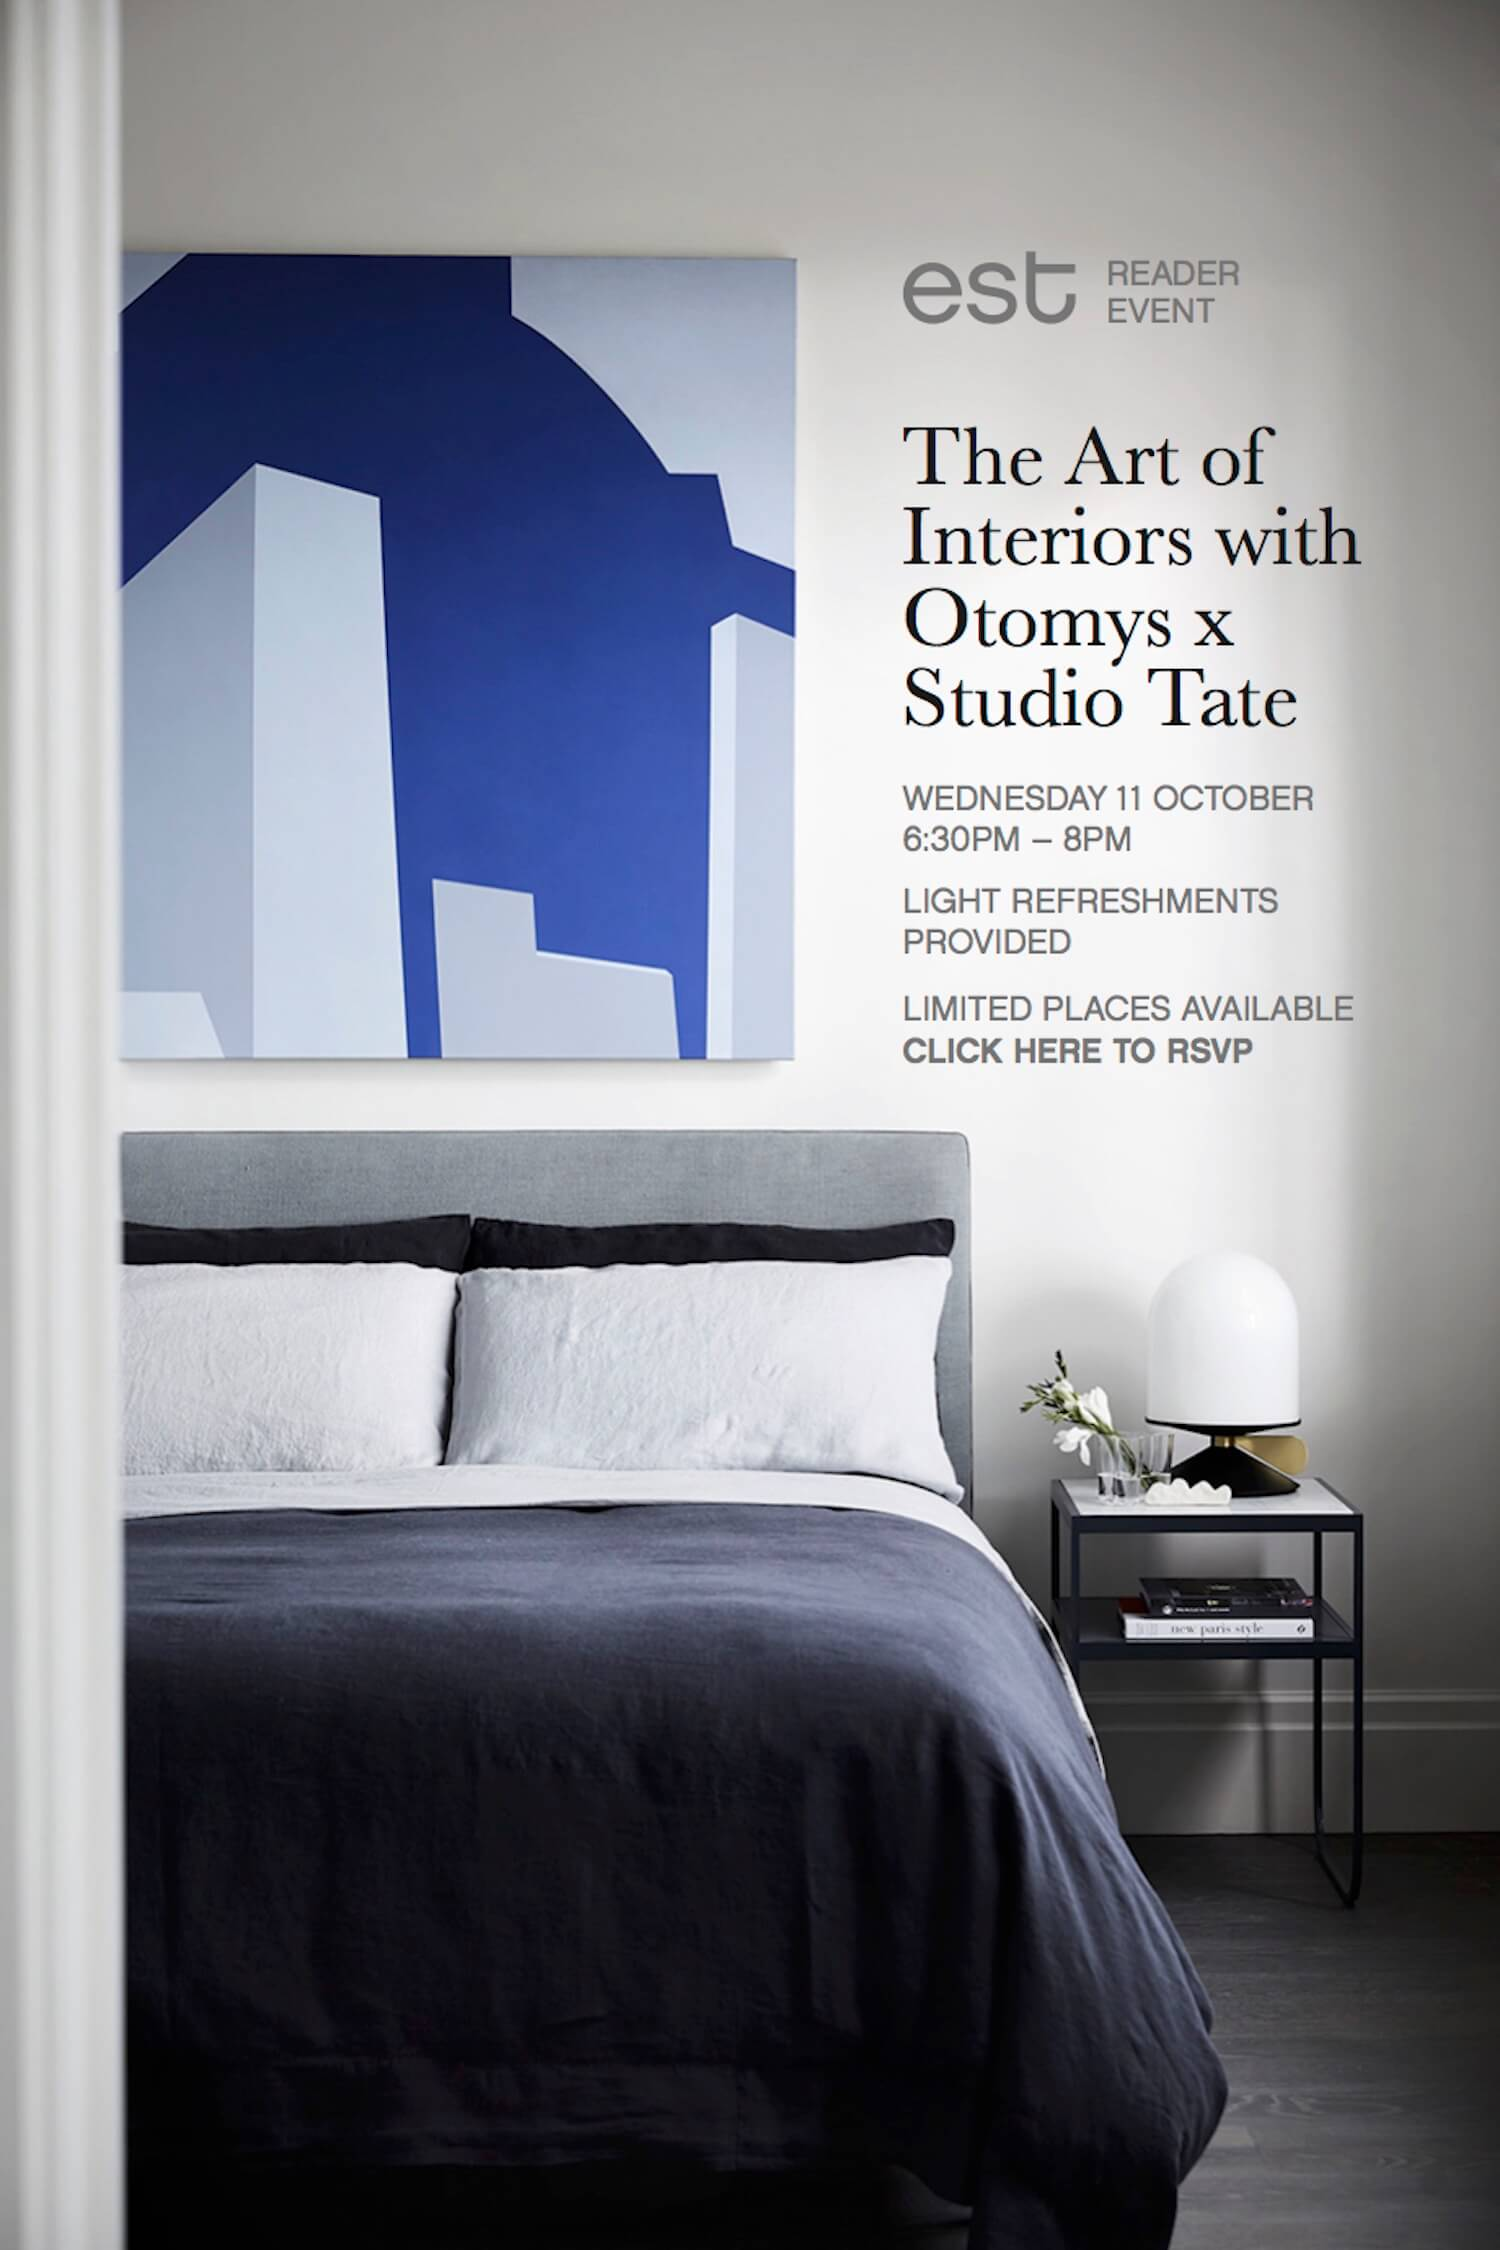 Est Reader event Art of Interiors web